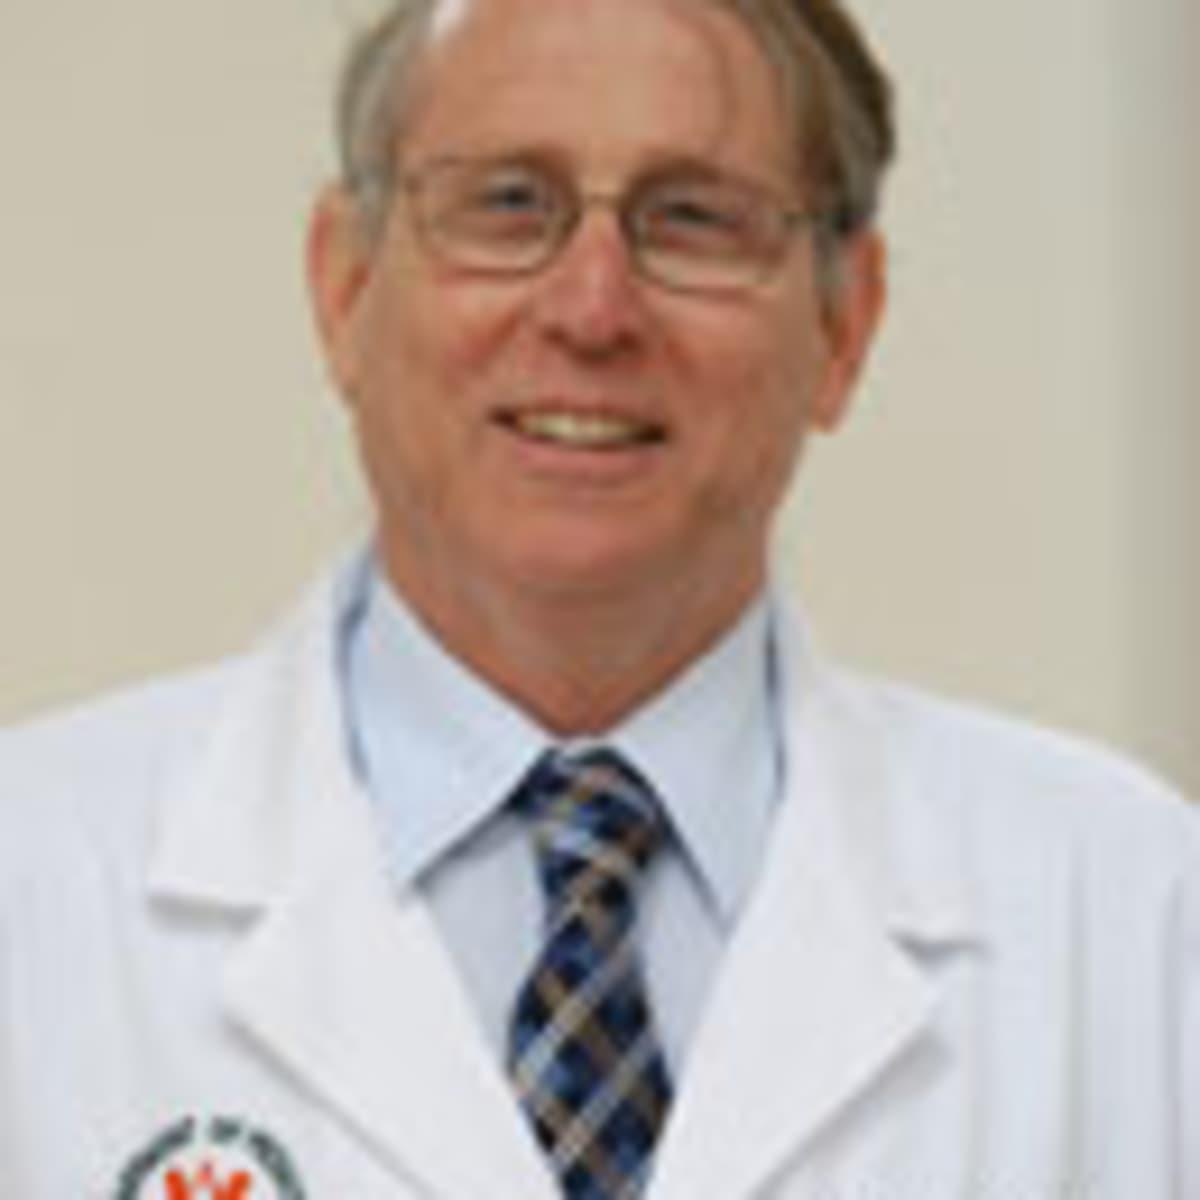 dr andrew colin md miami fl pediatrician